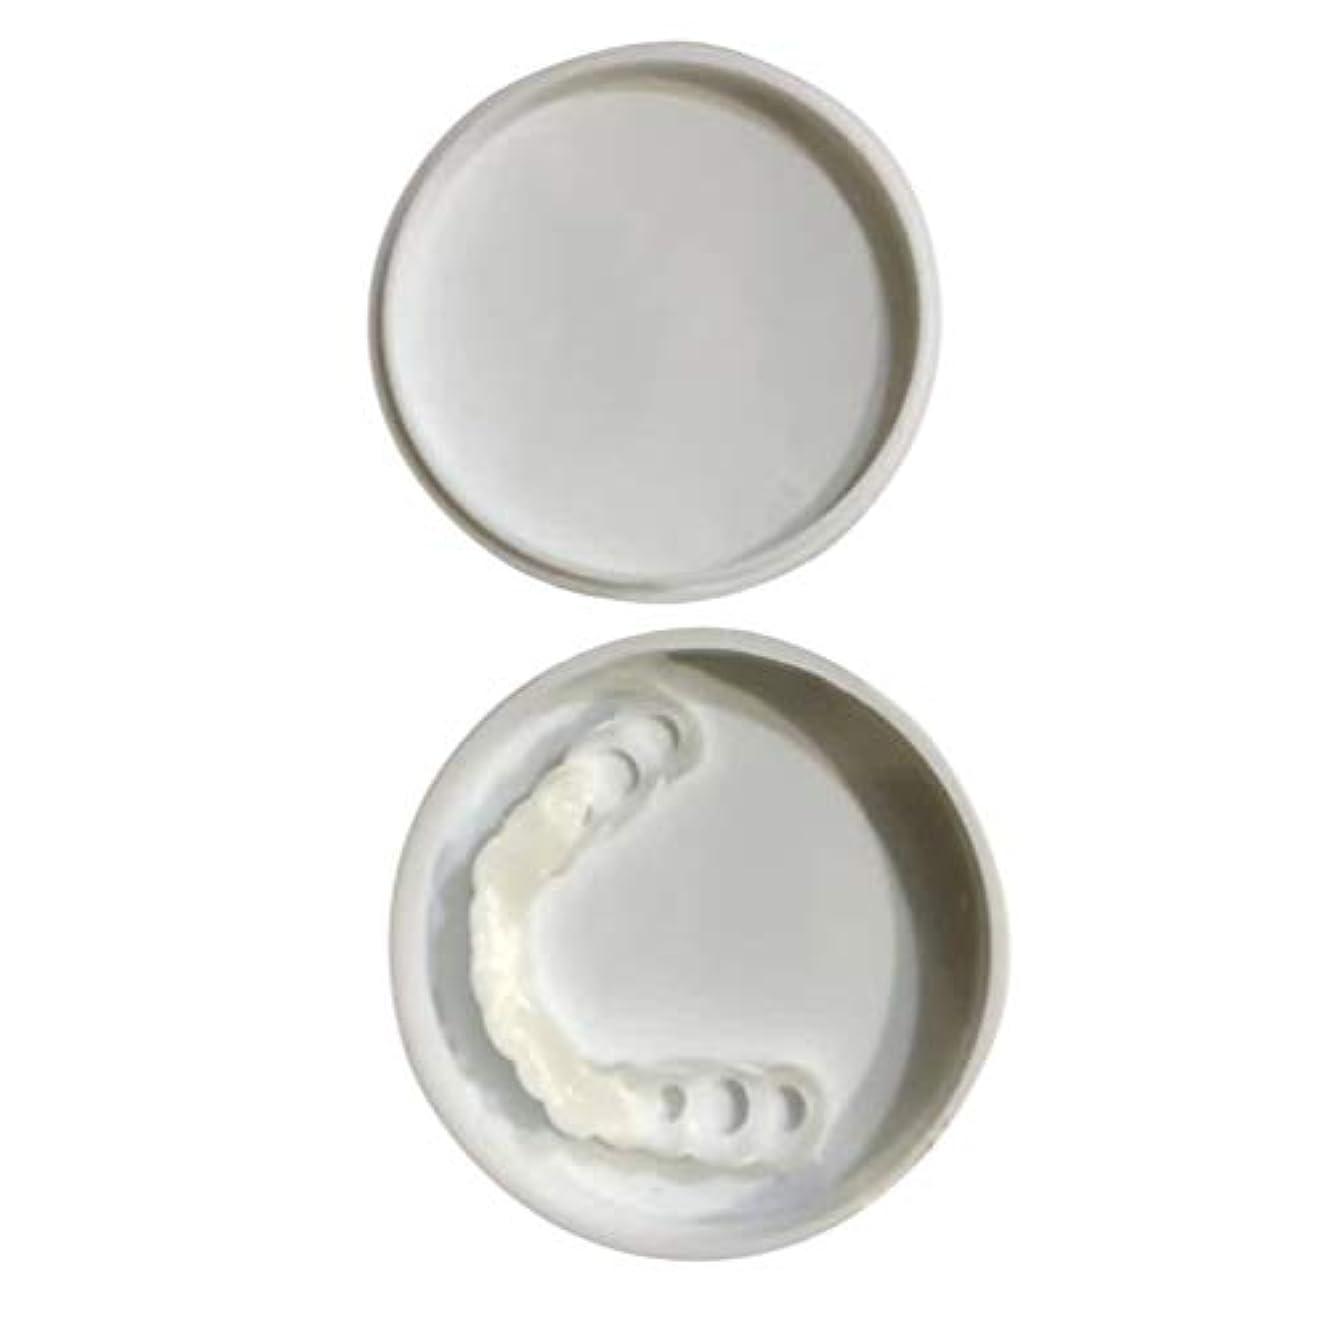 エンドウカナダ推進快適なスナップオン男性女性歯インスタントパーフェクトスマイルコンフォートフィットフレックス歯フィットホワイトニング笑顔偽歯カバー - ホワイト